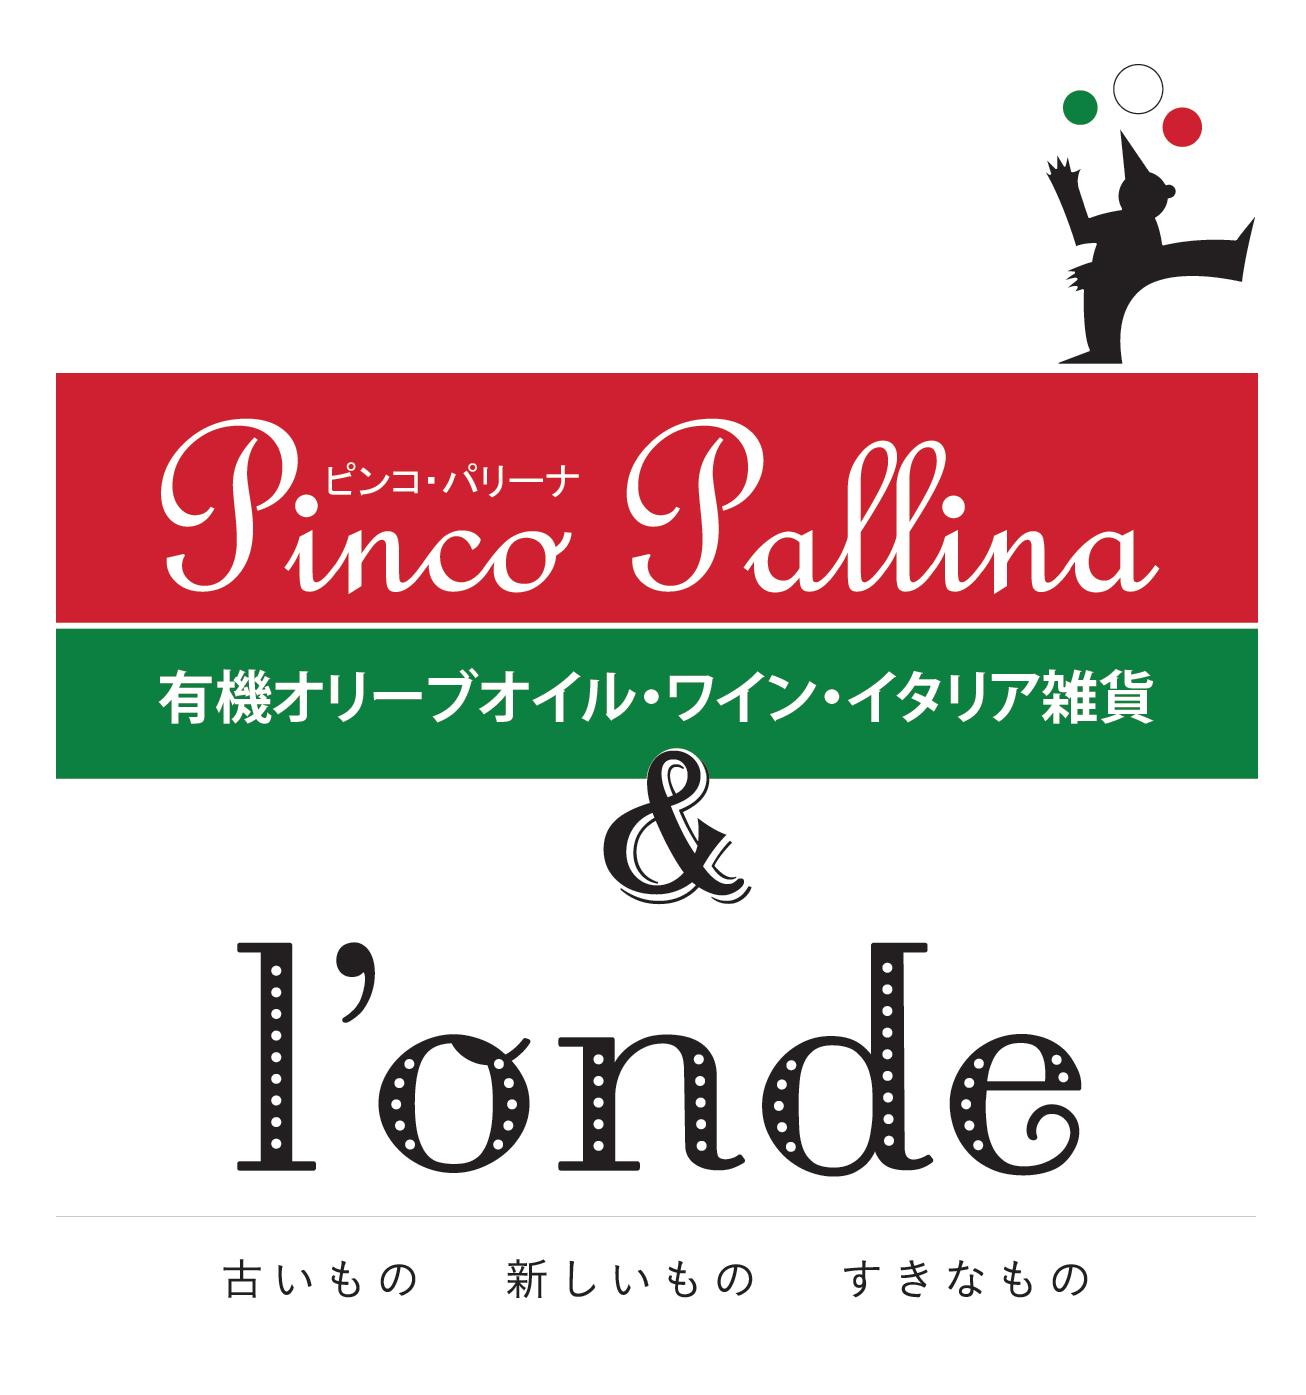 セレクトショップl\'ondeが、Pinco Pallinaにやってきました!_a0281139_17261325.jpg